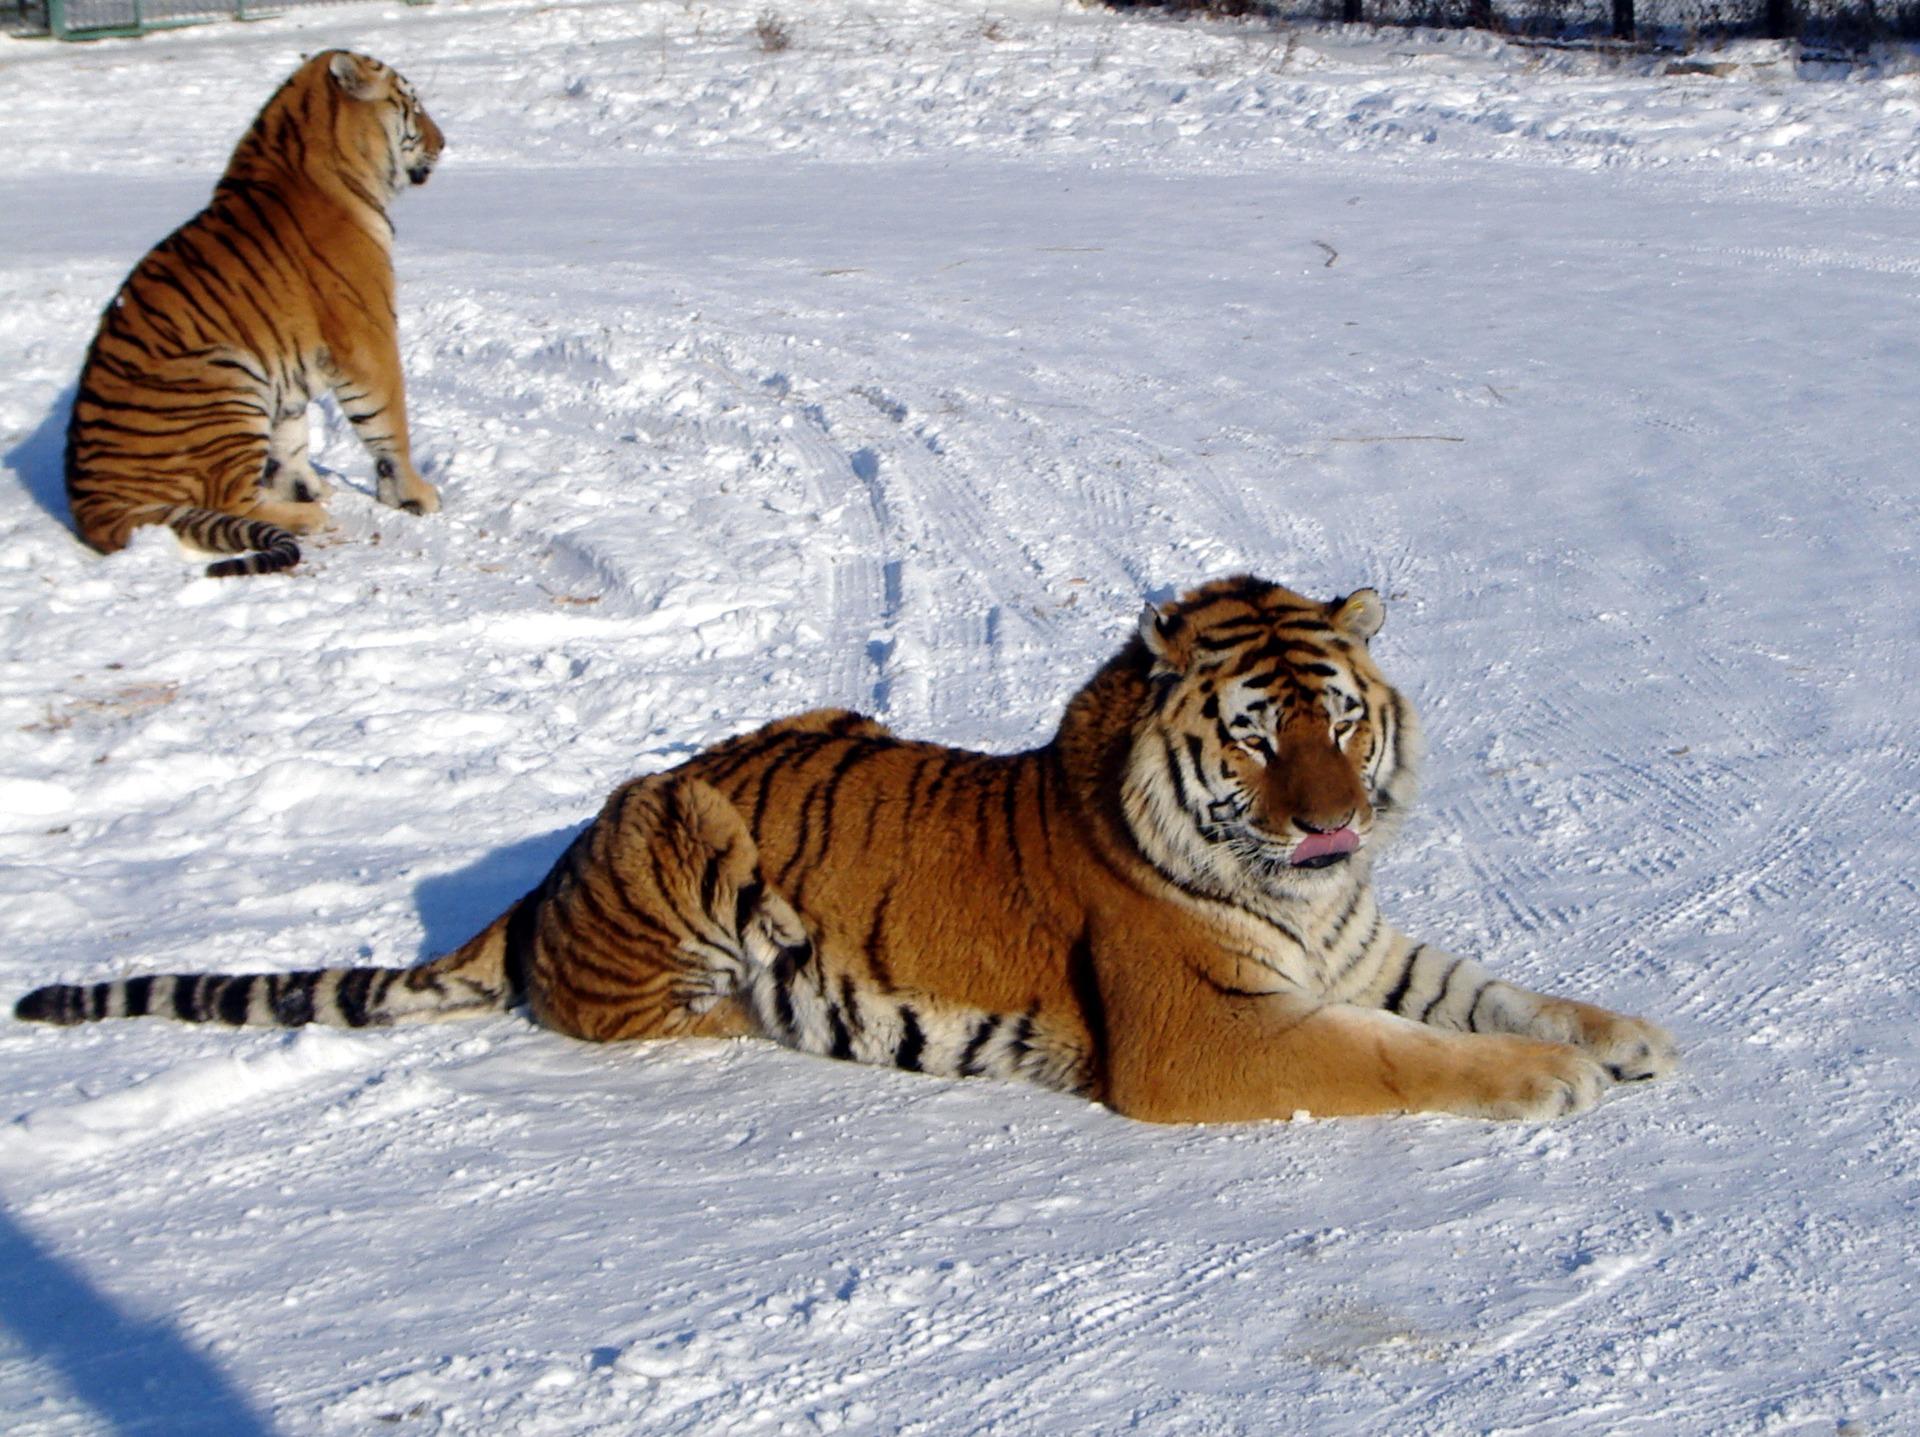 снимках логово тигров фон для